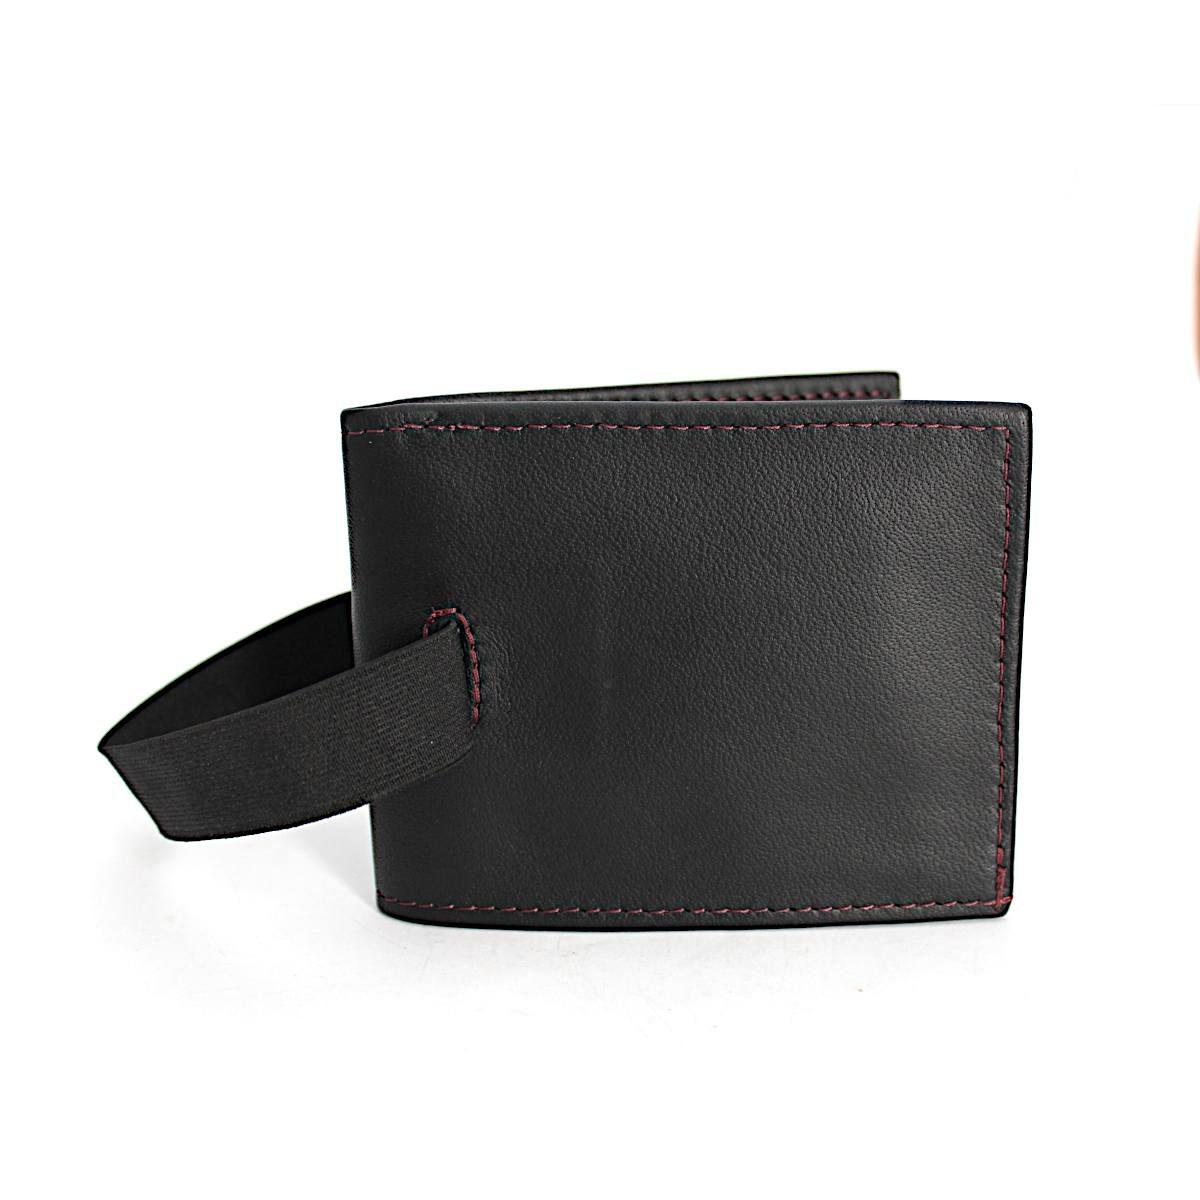 ръчно изработен черен мъжки портфейл-картодържач ластик